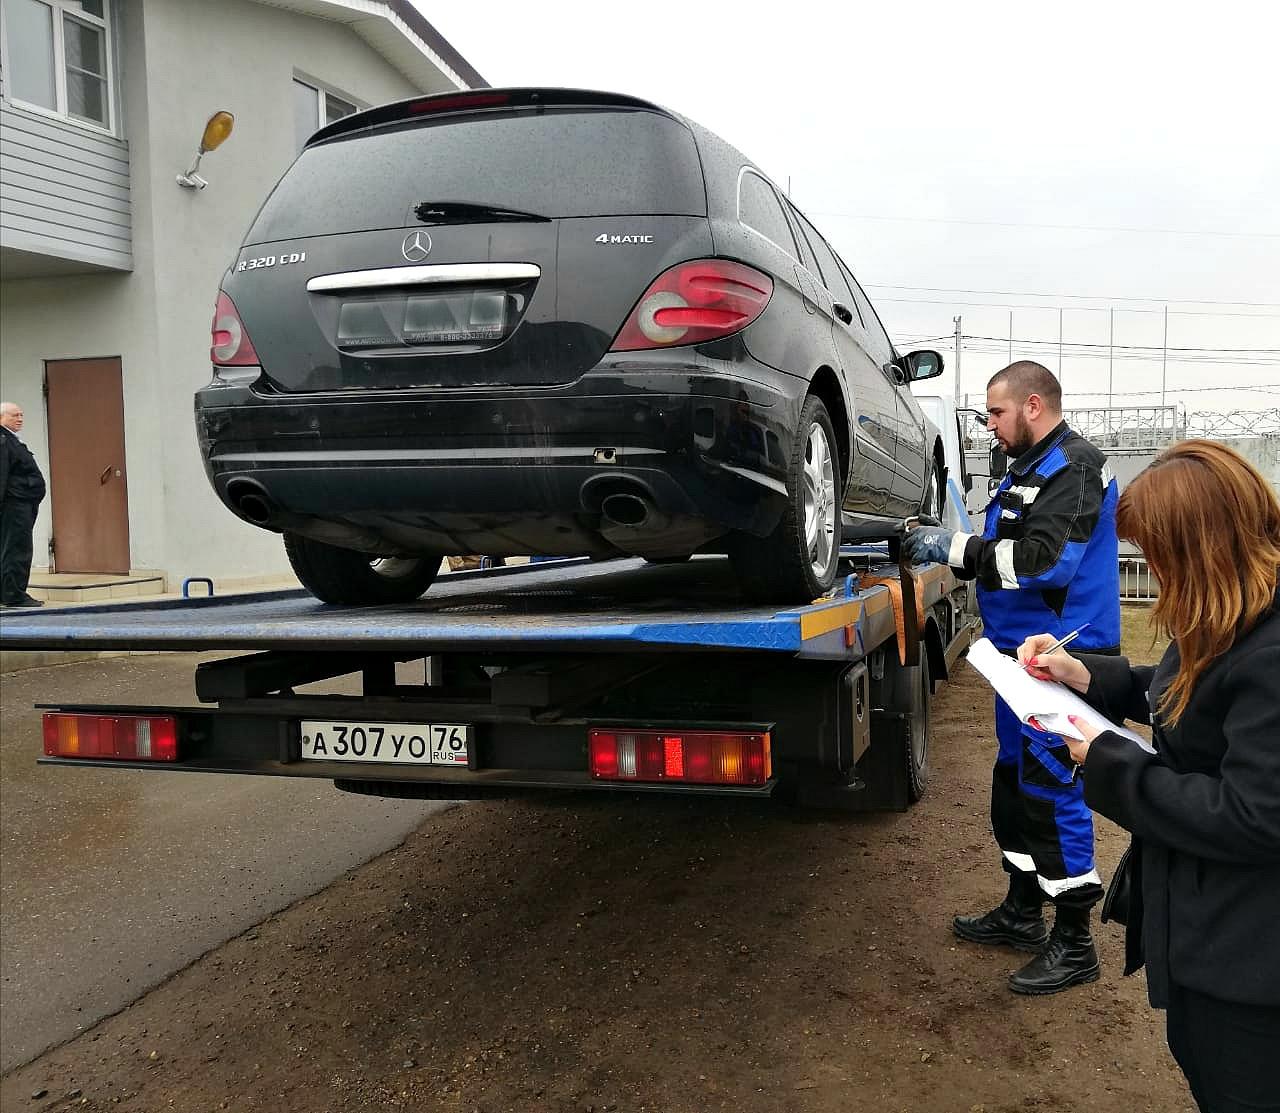 Ярославец задолжал 760 тысяч рублей и спрятал «Мерседес» от приставов